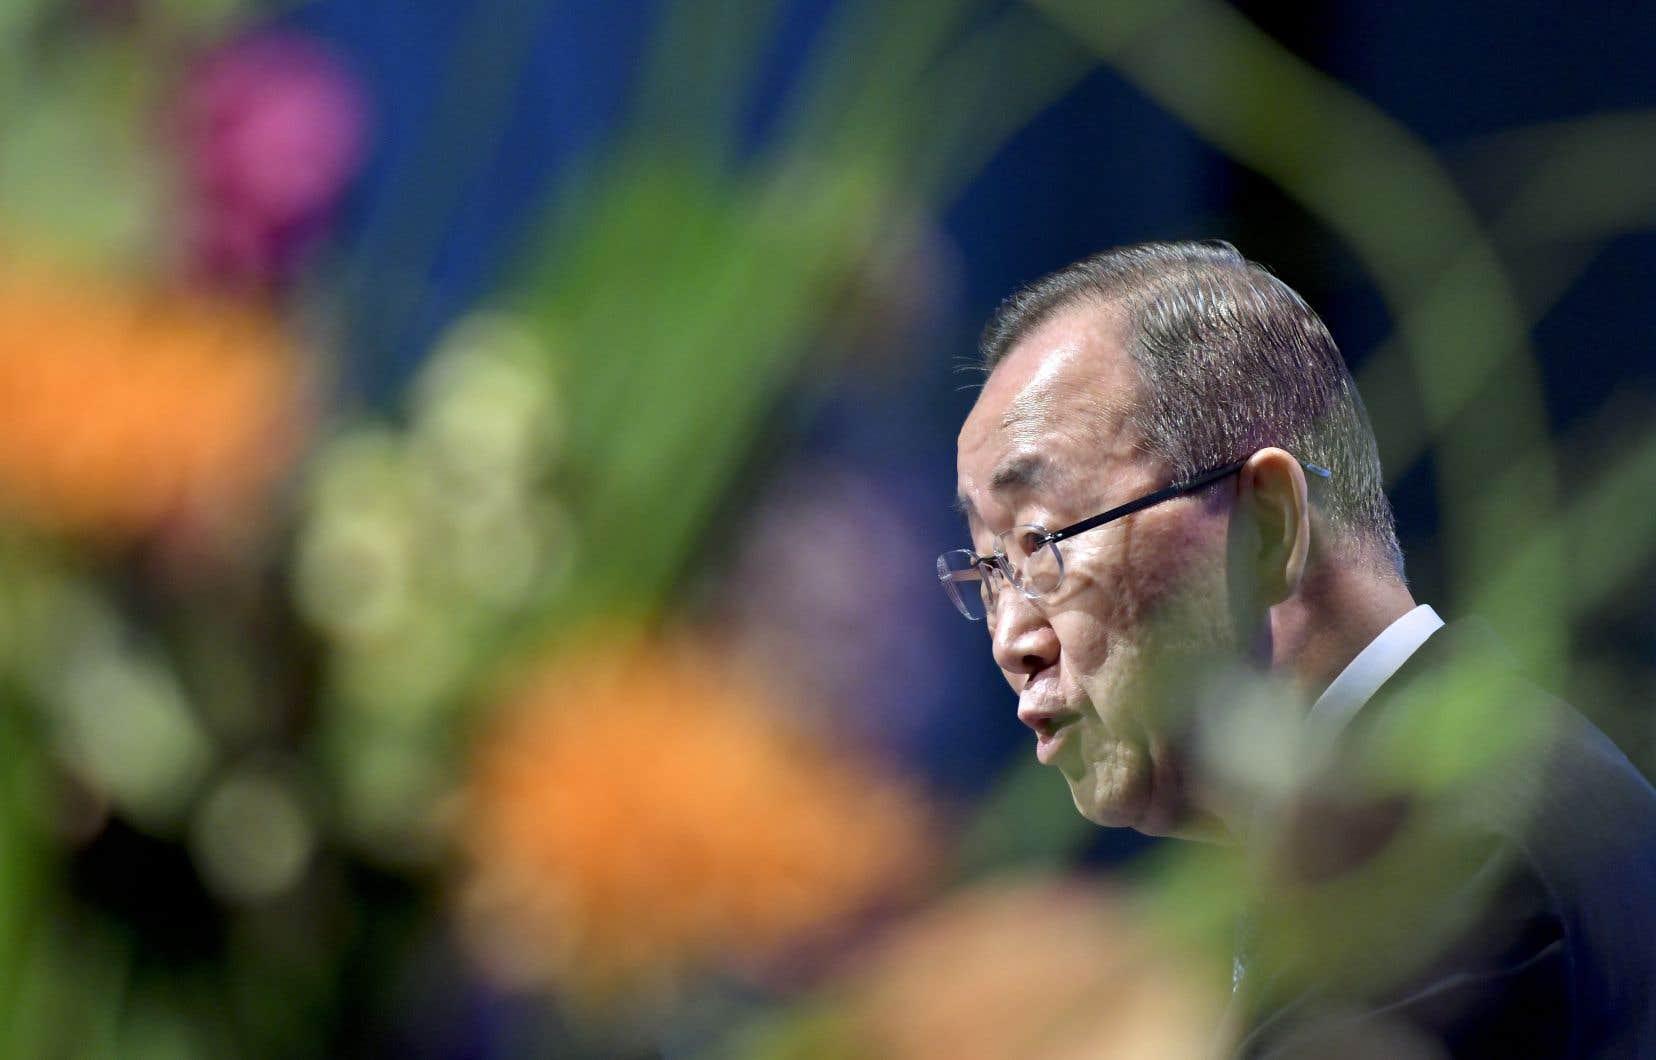 Le monde a atteint un «point de non-retour» en matière de changement climatique, a averti l'ancien secrétaire général de l'ONU, Ban Ki-moon.